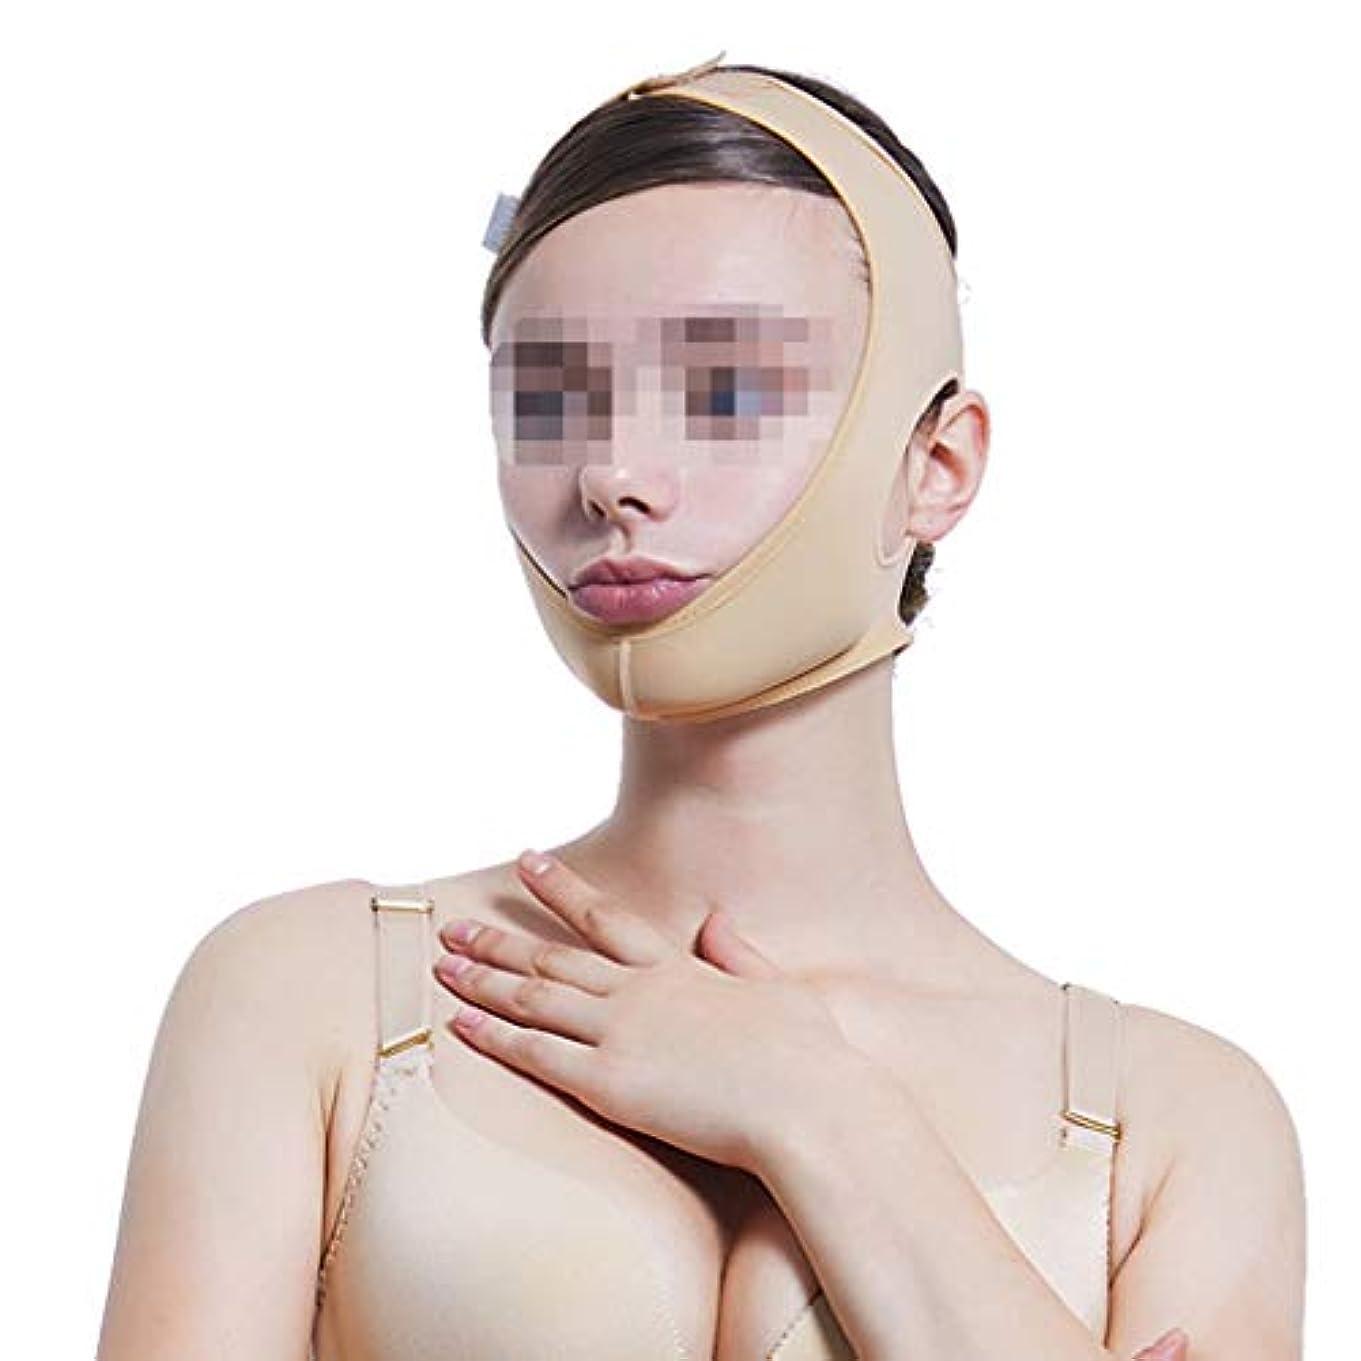 調停する火傷しなやかXHLMRMJ ビームフェイス弾性ヘッドギア、二重あごの顎セットにマスクの後に線彫り薄いフェイス包帯マルチサイズオプション (Size : XXL)